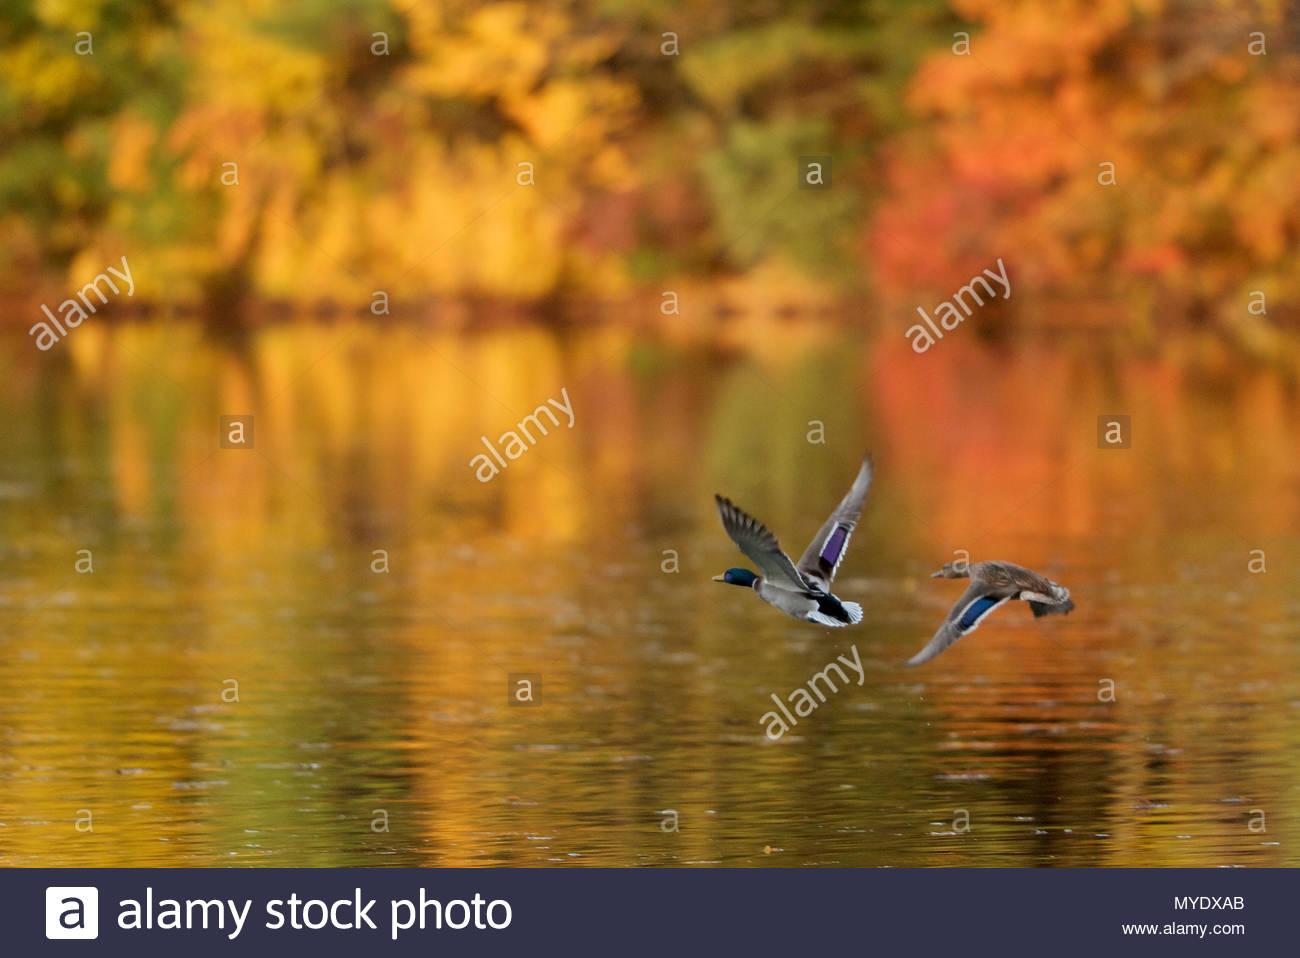 Una coppia di mallard, Anas platyrhynchos, vola sopra Walden Pond in autunno. Immagini Stock